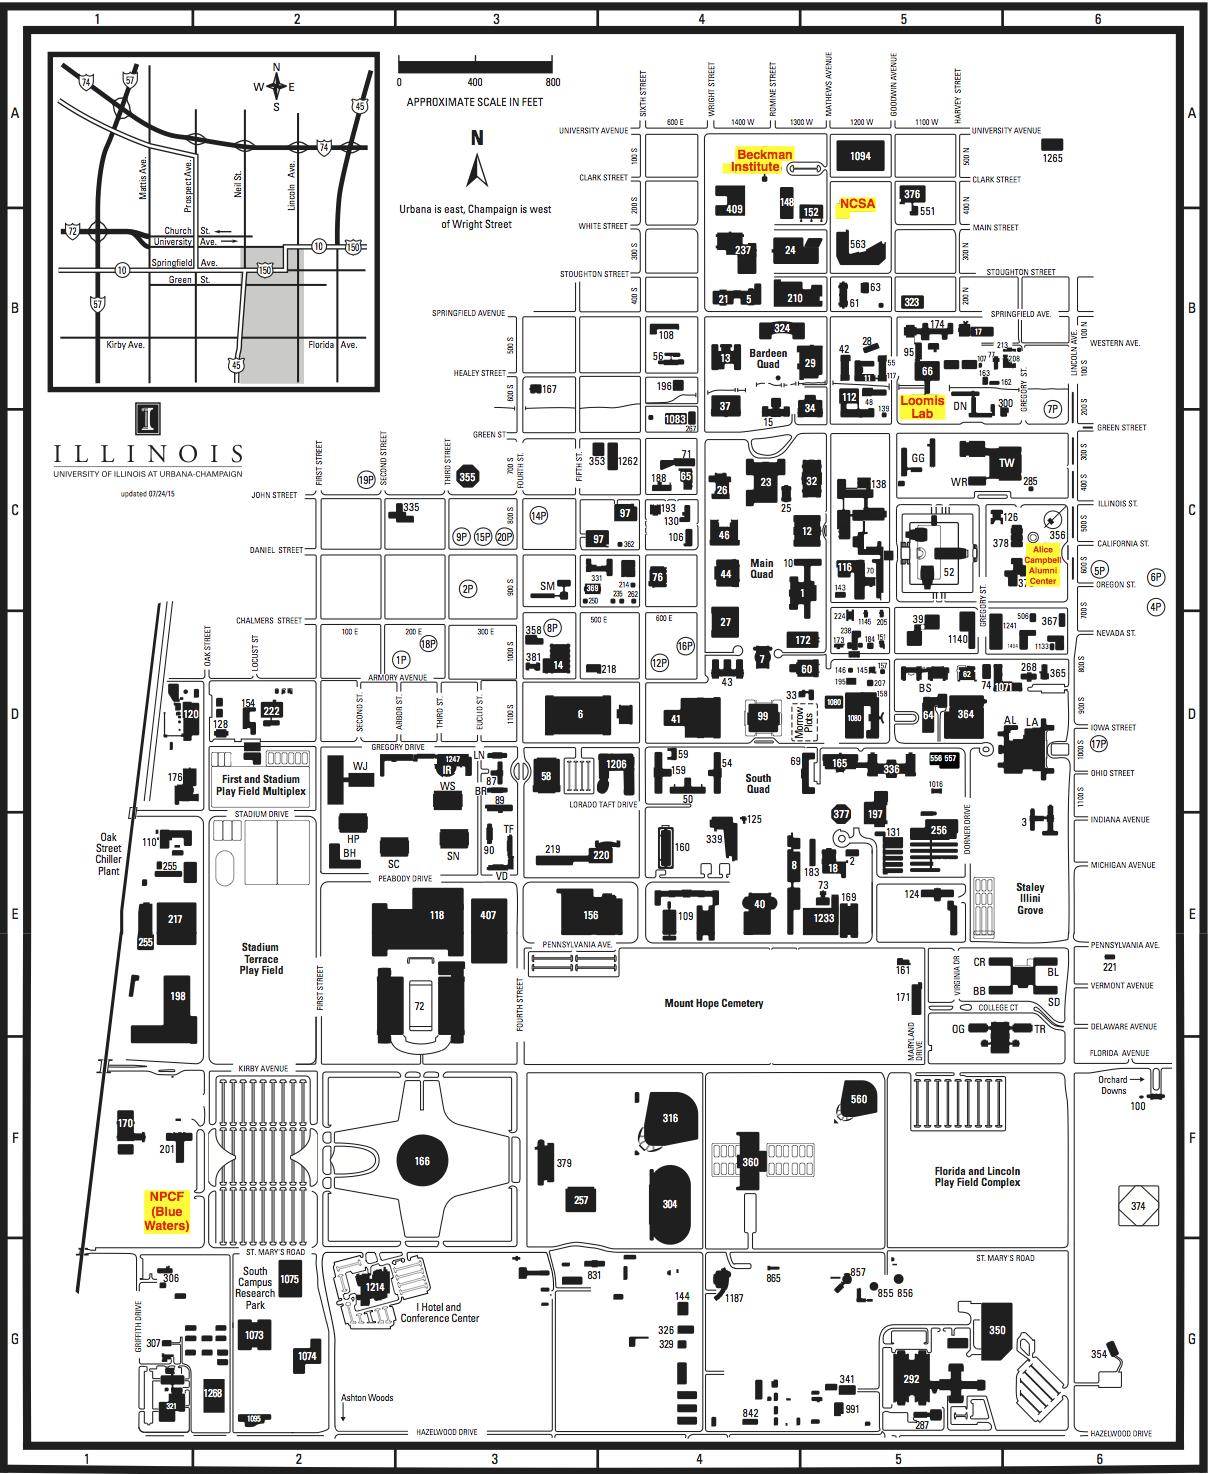 Campus Map Uiuc Uiuc Campus Map | States Maps